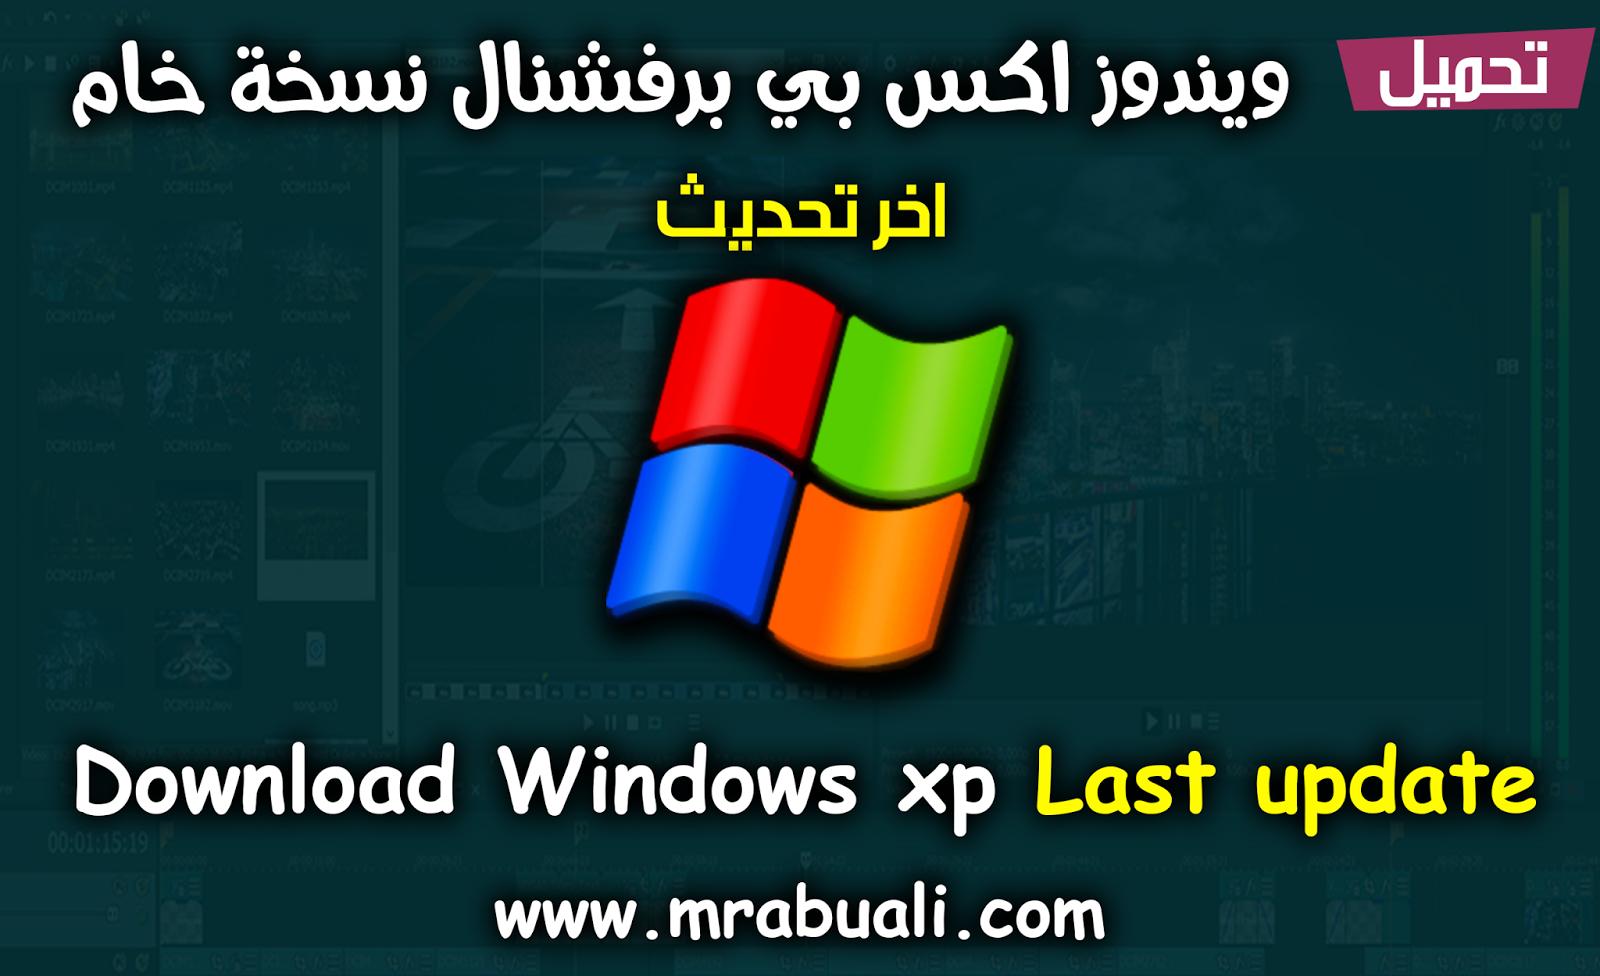 نسخة ويندوز 8.1